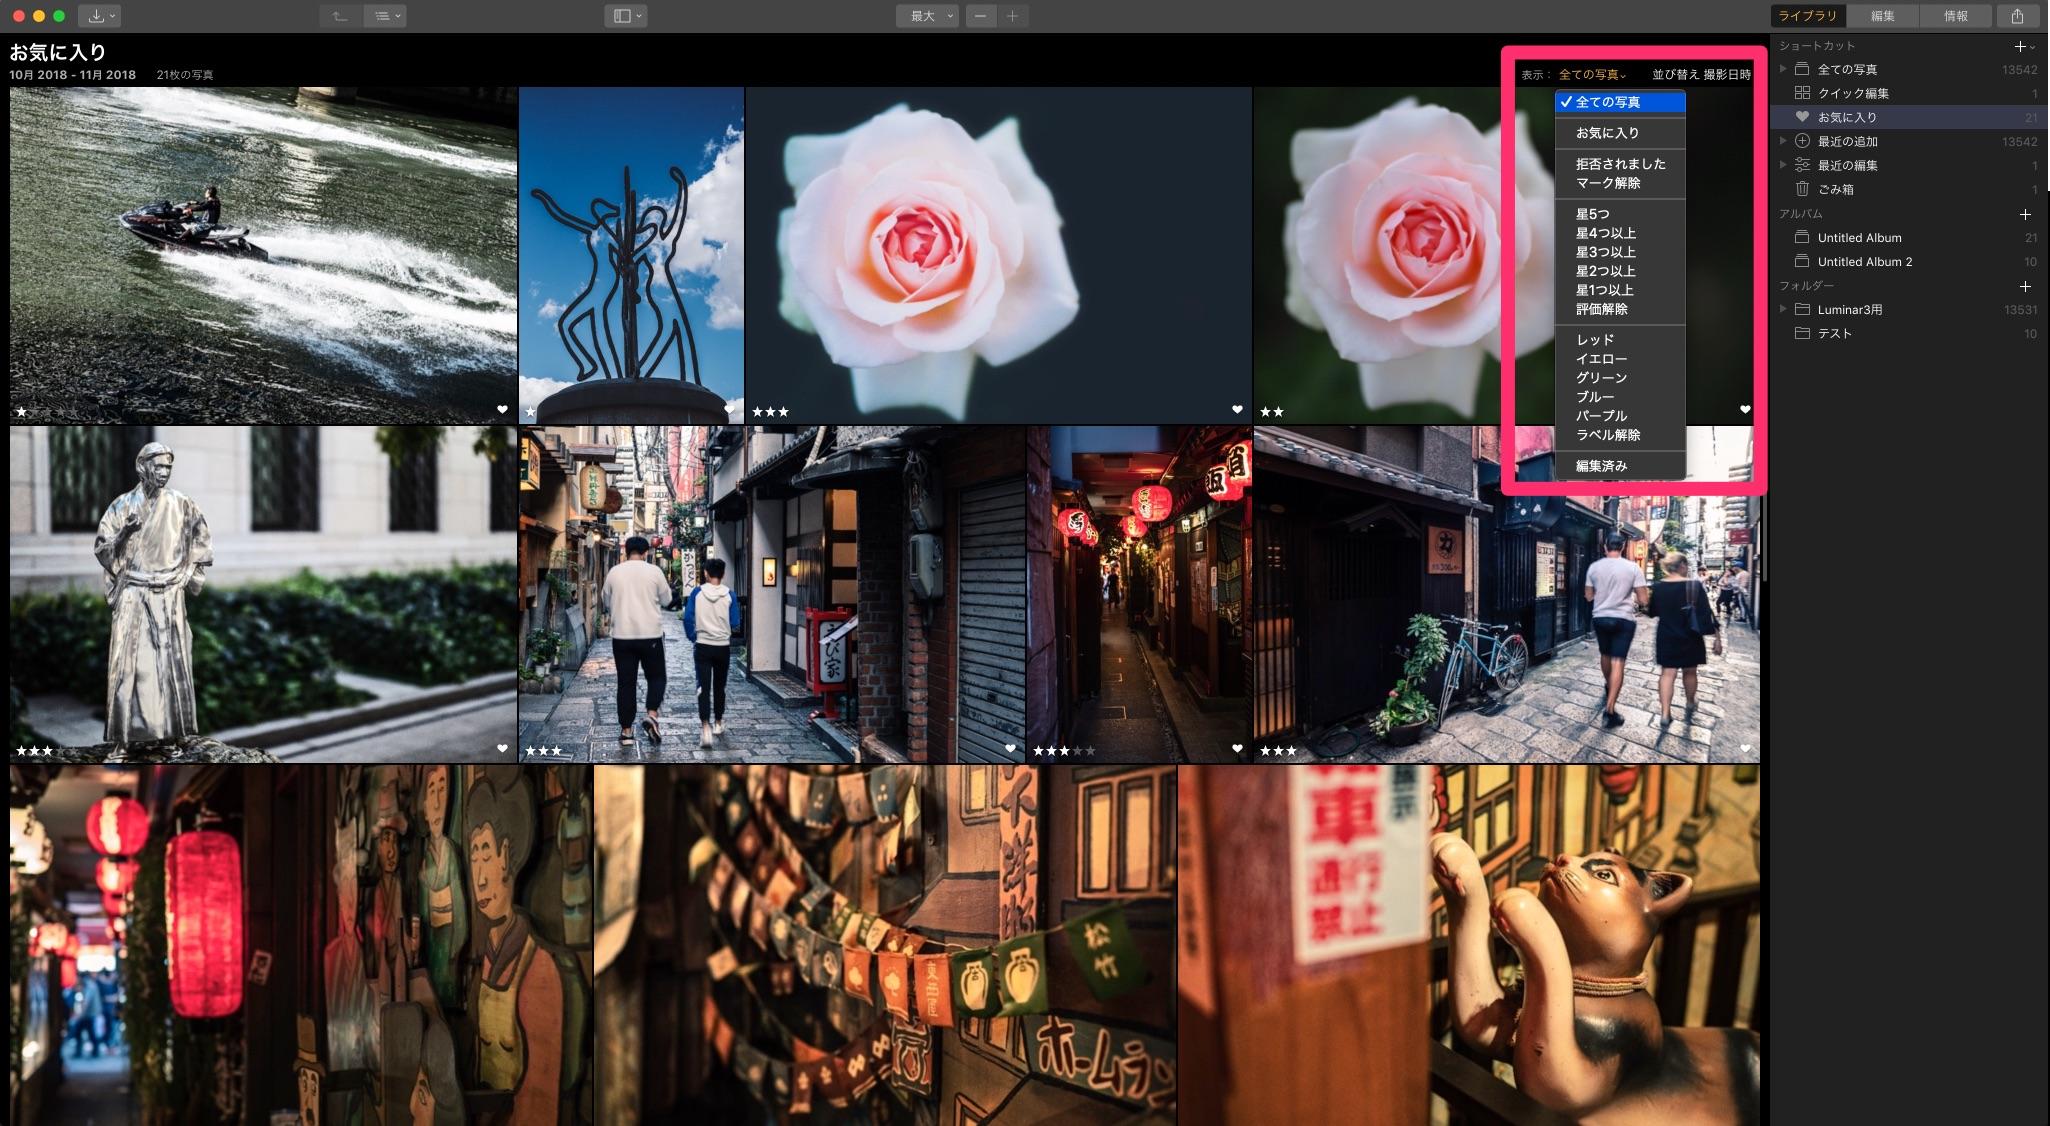 c2c509d1f4aba1c1953f3fa0f79315a2 - 写真管理機能が搭載された、Luminar 3のライブラリの使い方